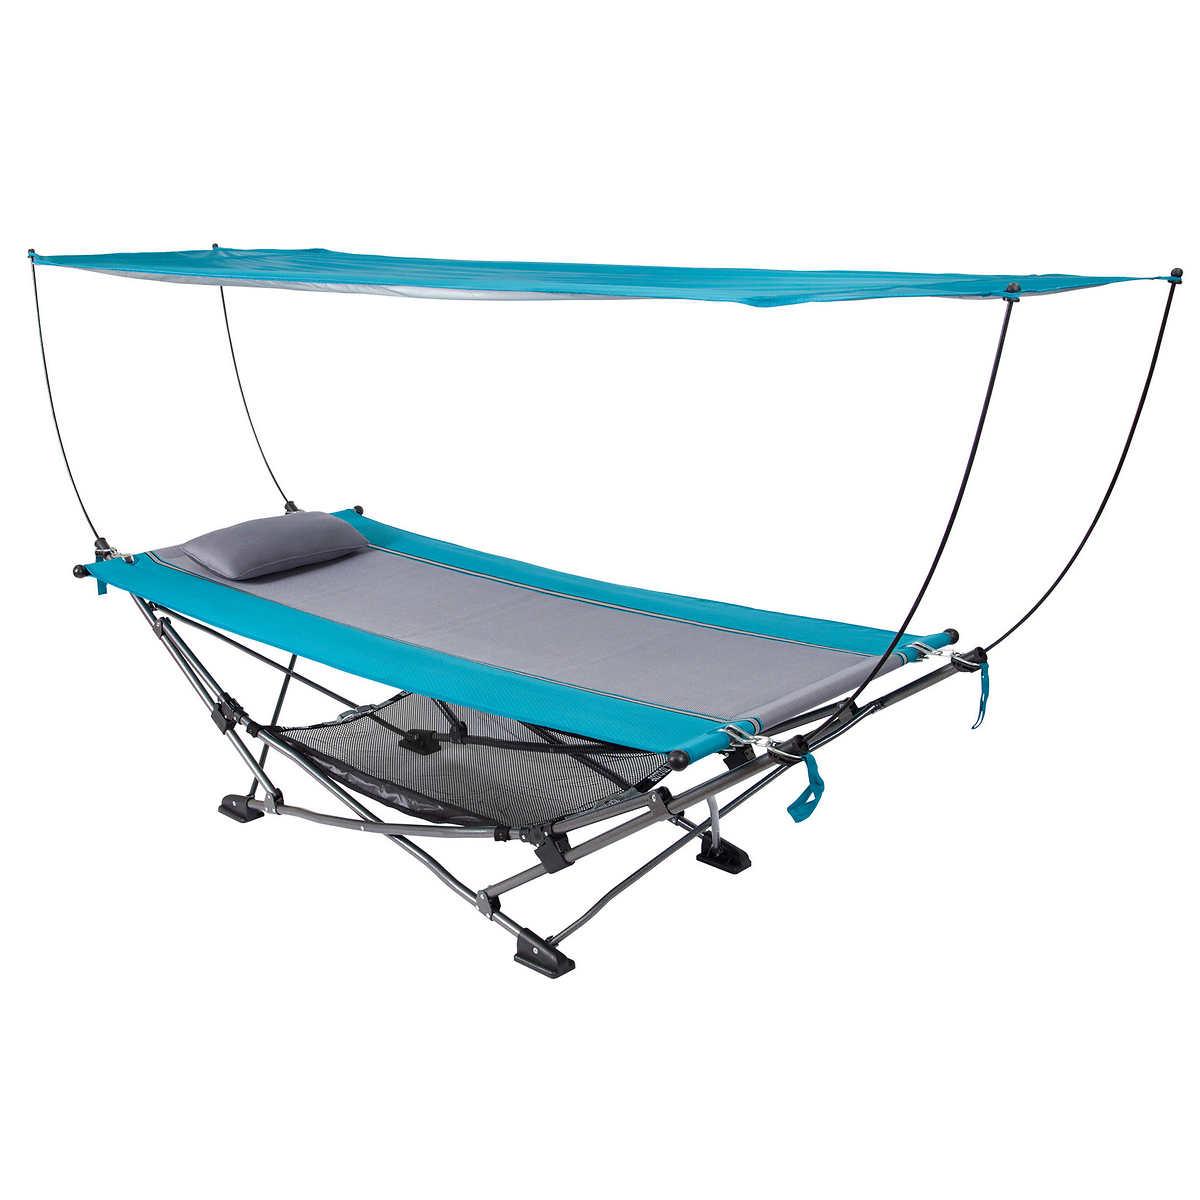 air beds & cots | costco